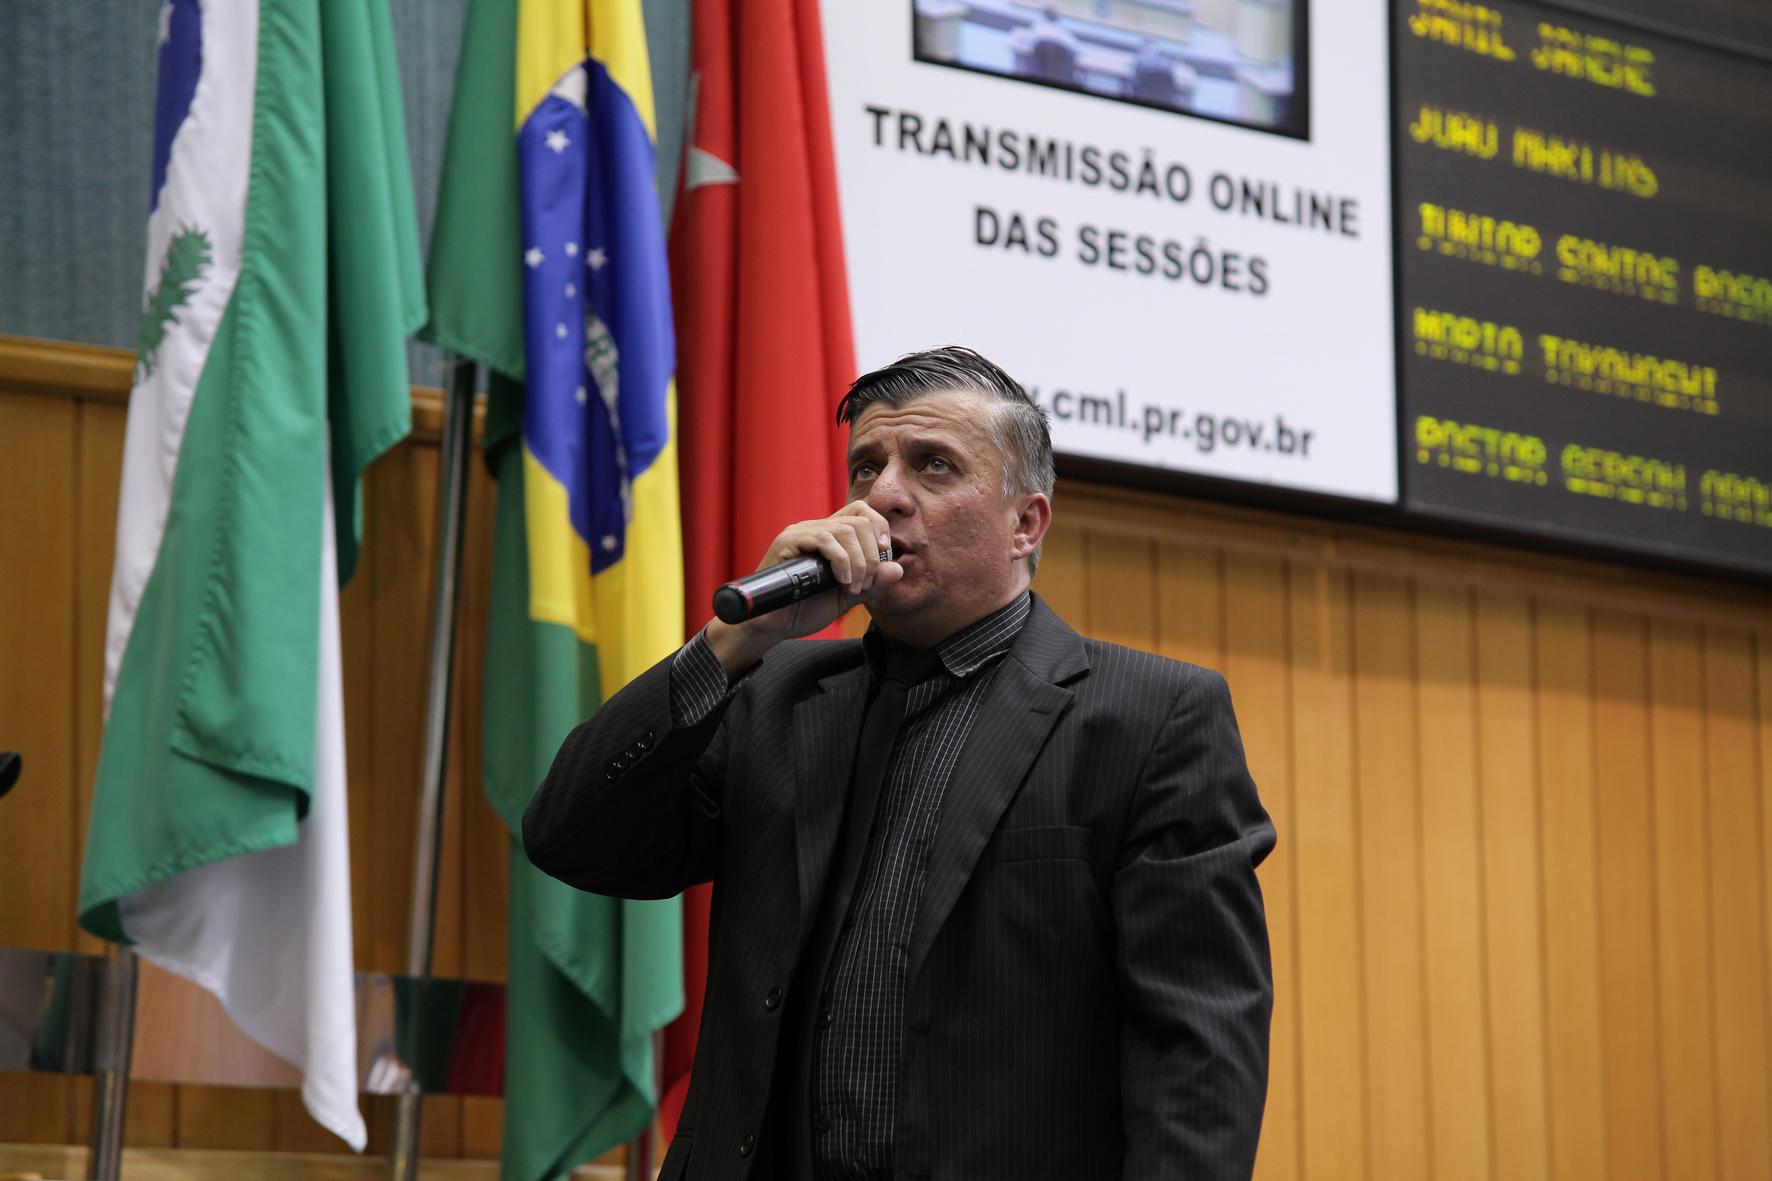 Boca Aberta Foto Fernando Cremonez Divulgação CML 2